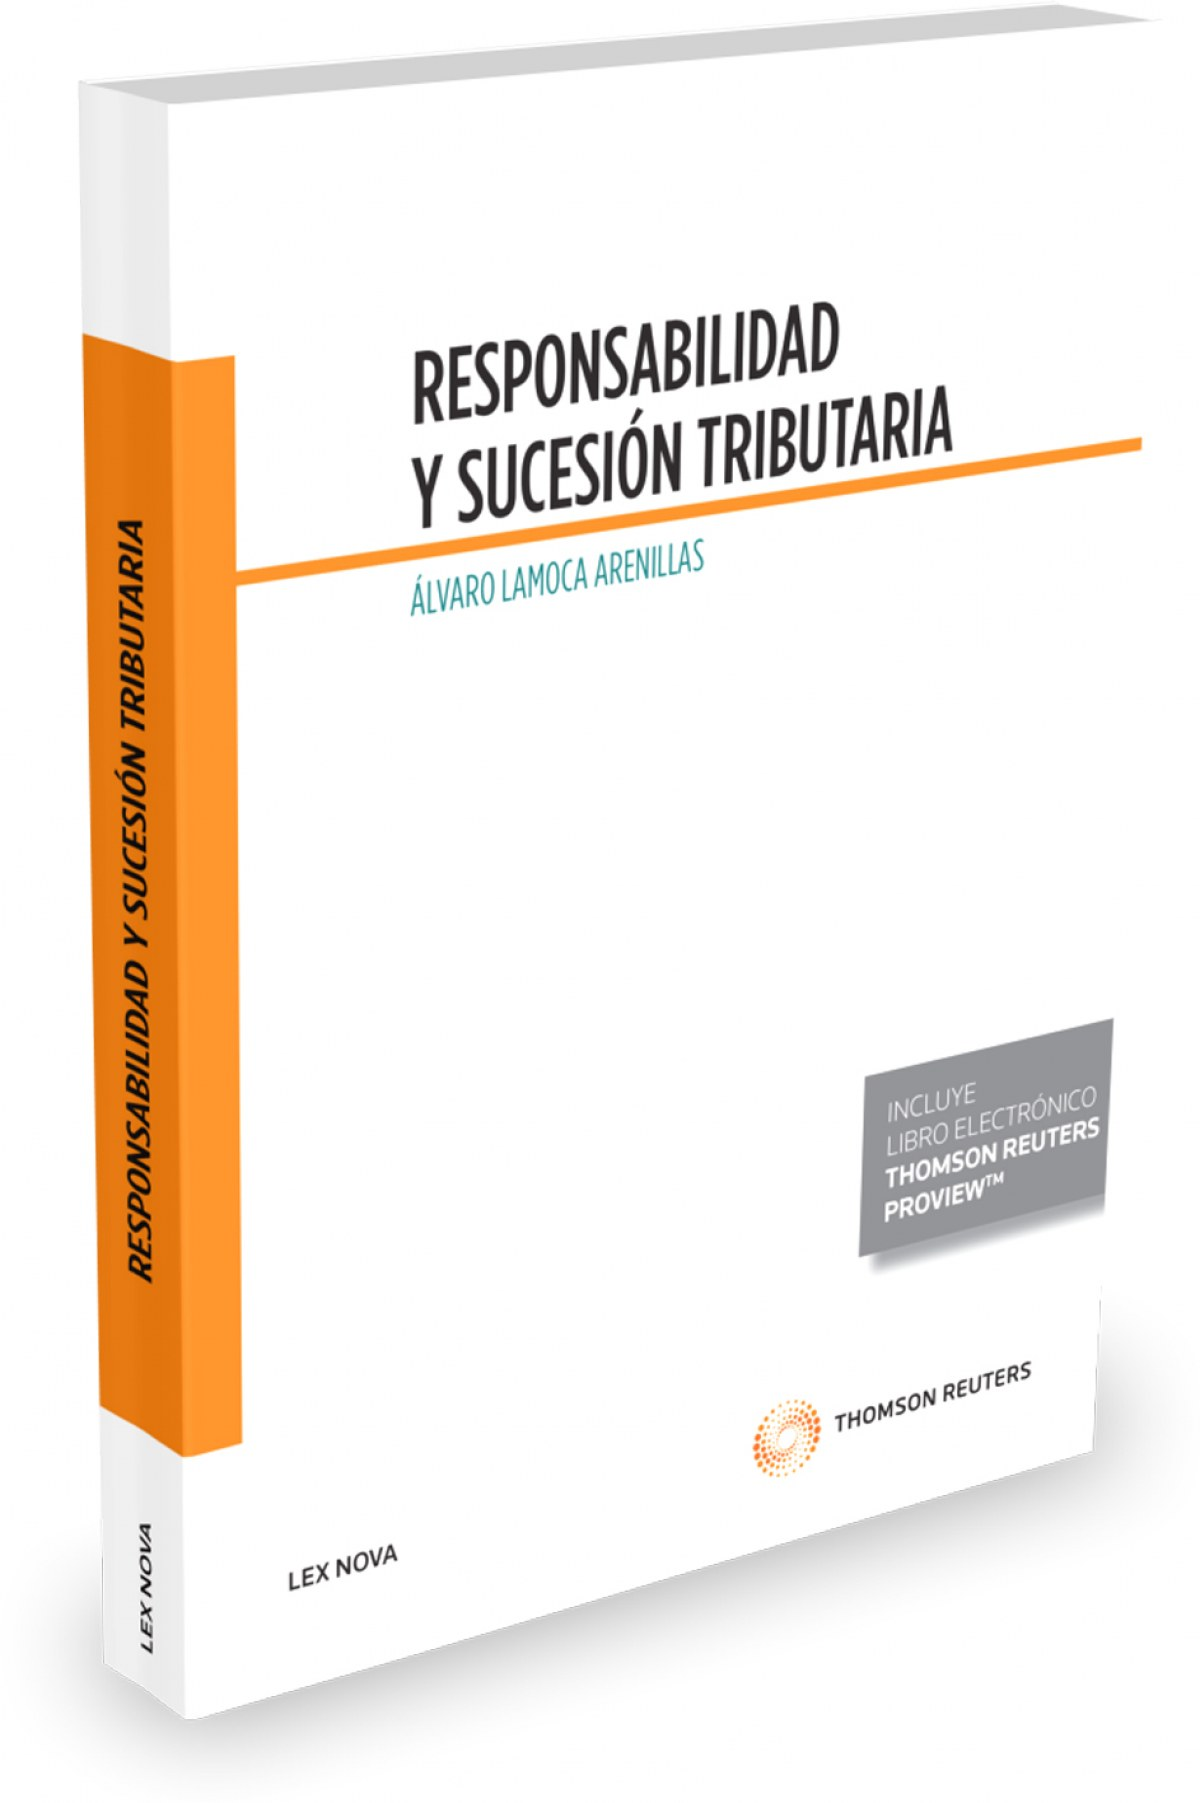 RESPONSABILIDAD Y SUCESION TRIBUTARIA (PAPEL + E-BOOK)